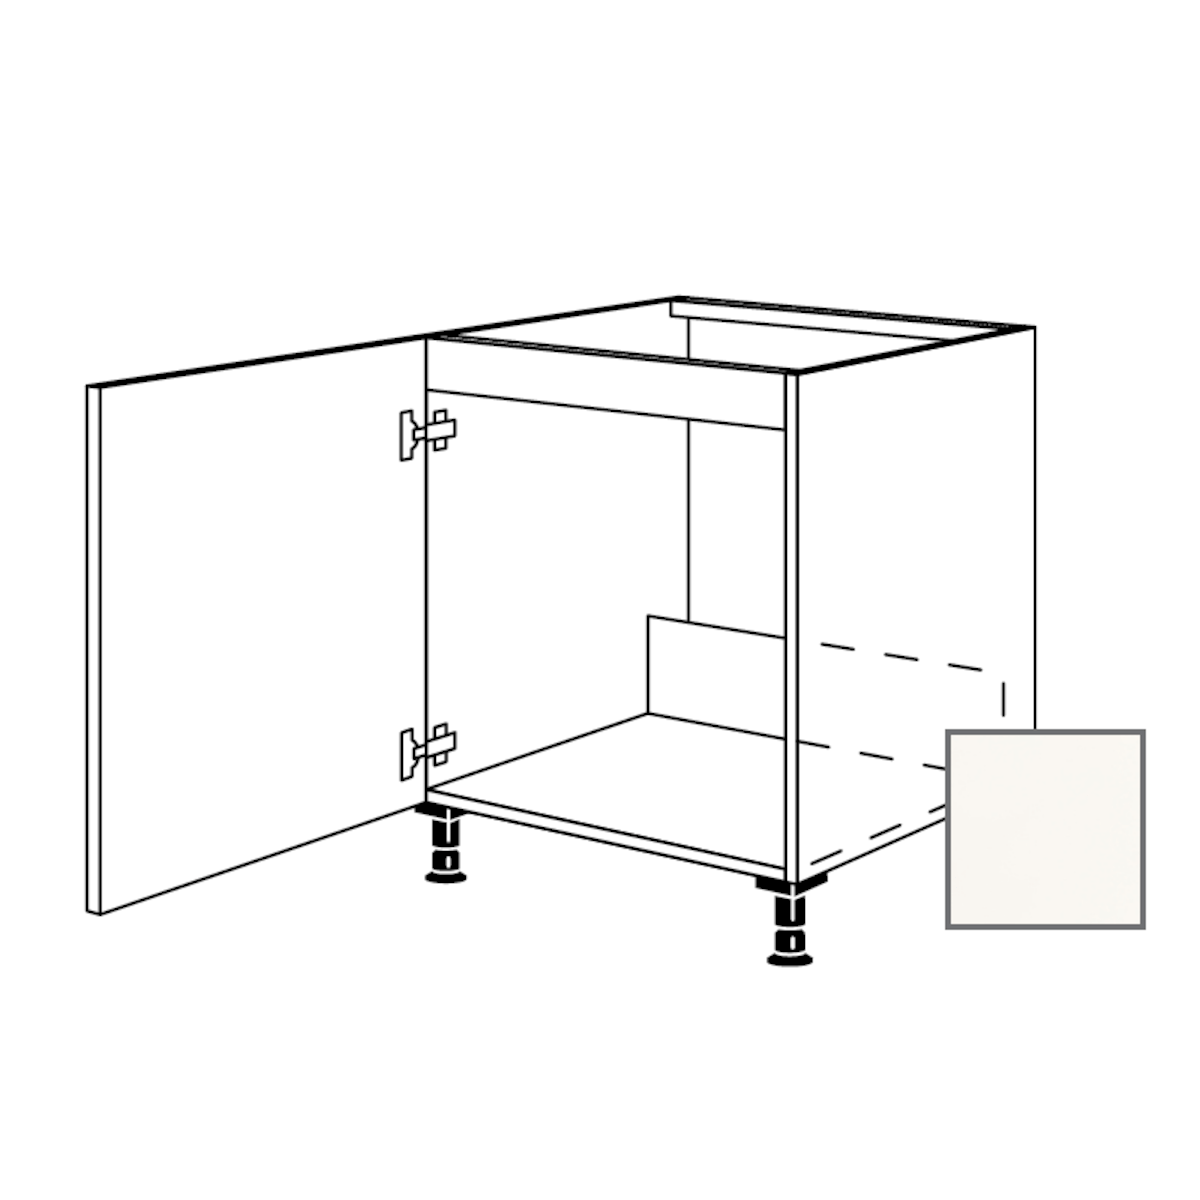 Kuchyňská skříňka spodní Naturel Erika24 dřezová 60x87x56 cm bílá lesk 450.SPUD60.L